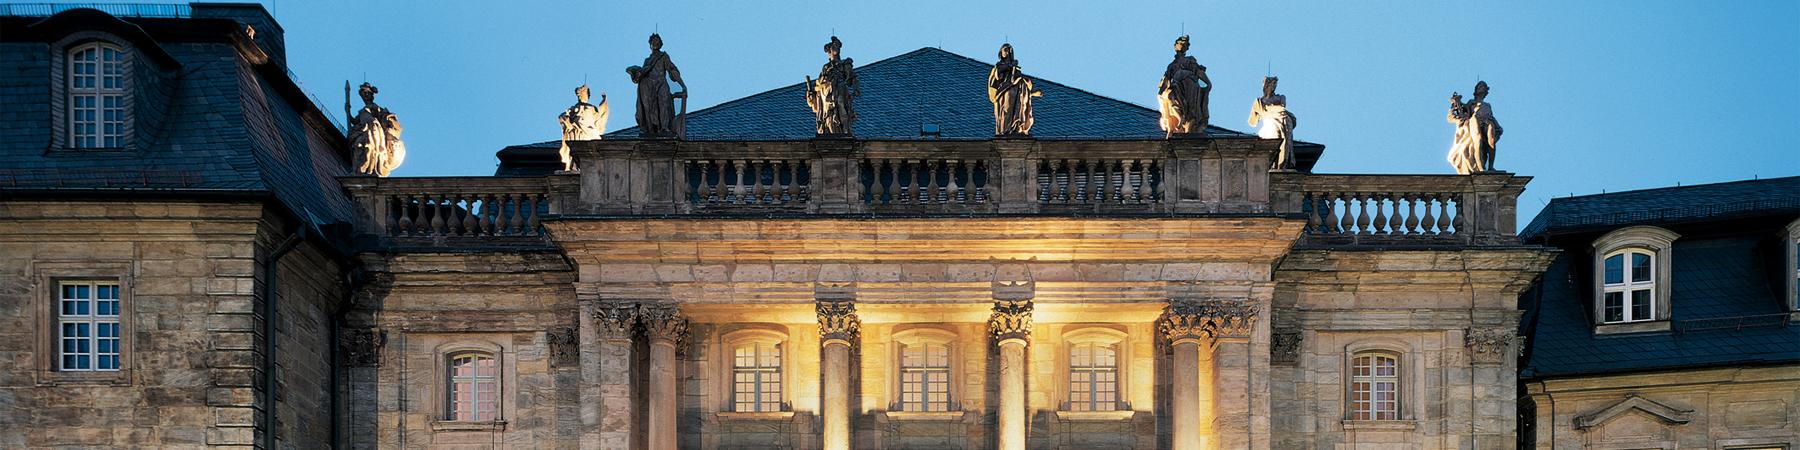 Markgraefliches Opernhaus Bayreuth - locations